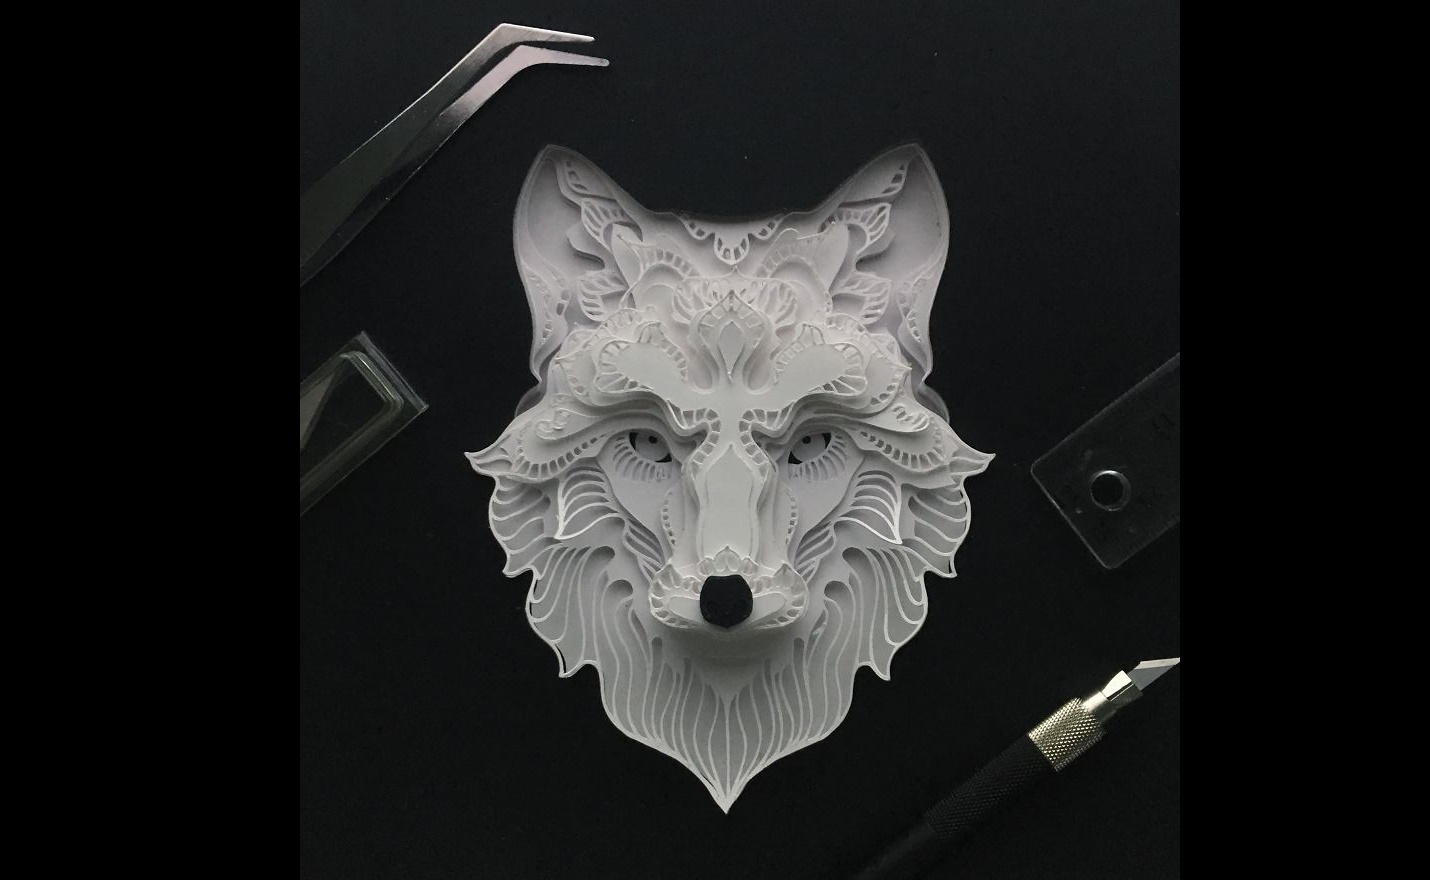 amazing paper cut art